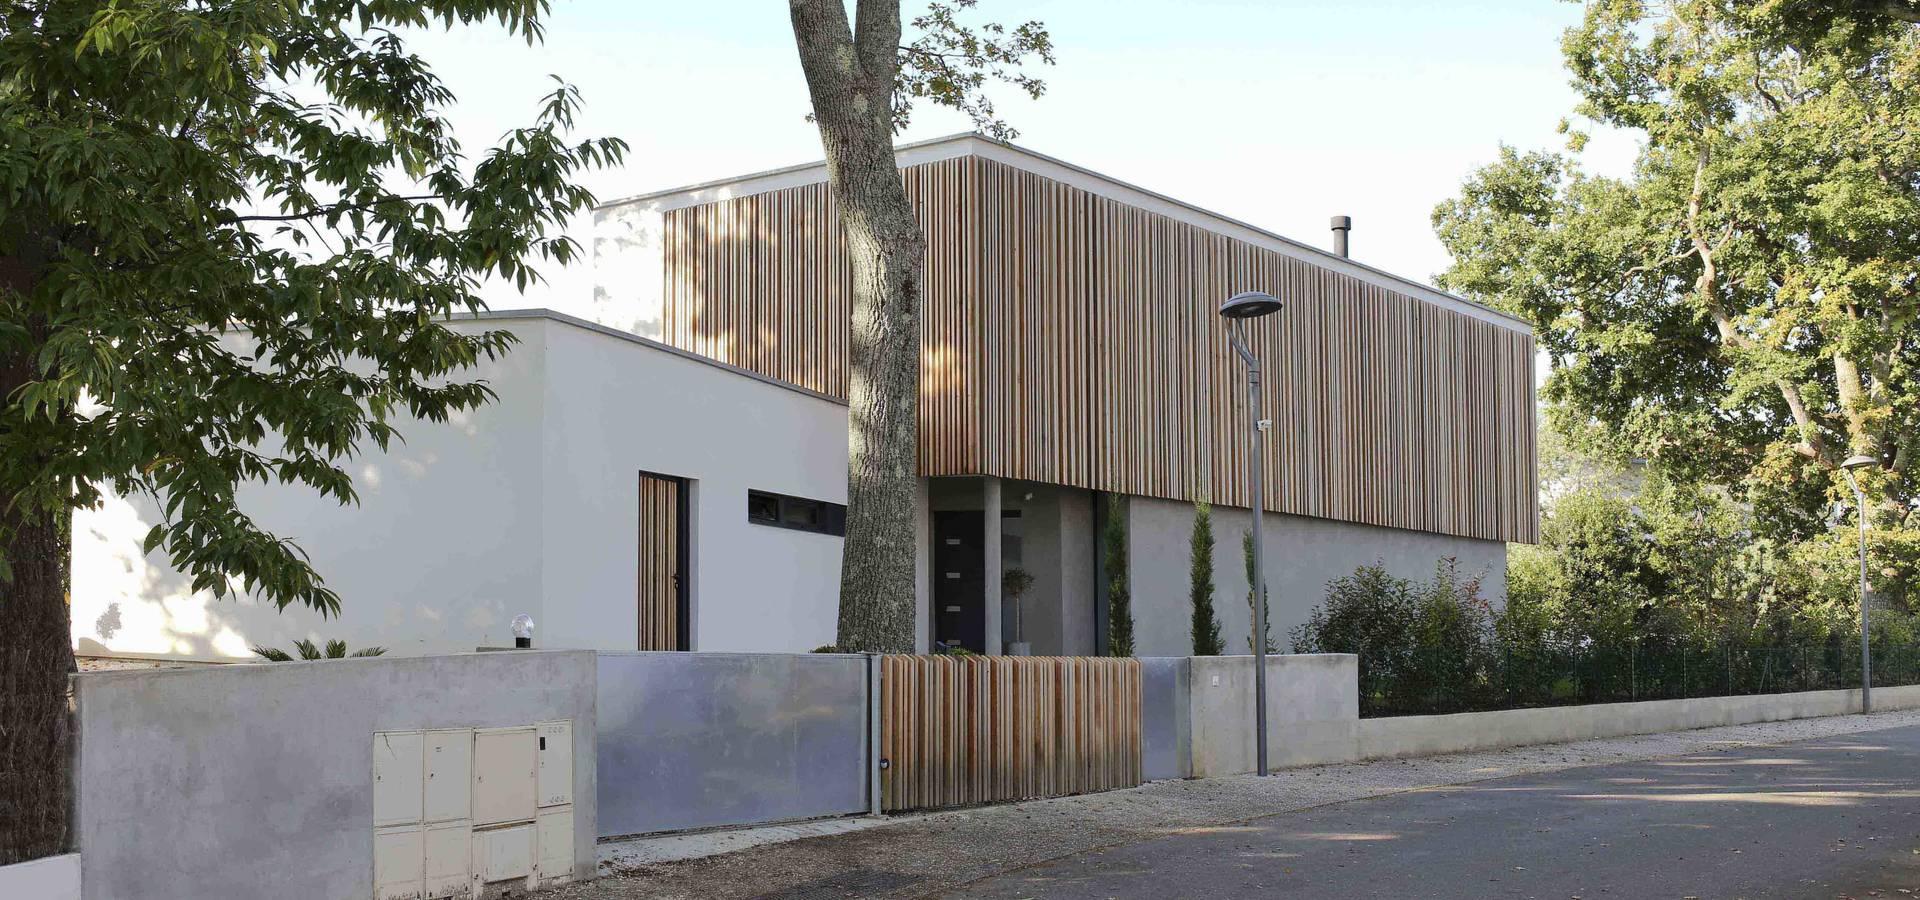 Maison neuve à Biarritz by Atelier d\'Architecture Christophe Létot ...